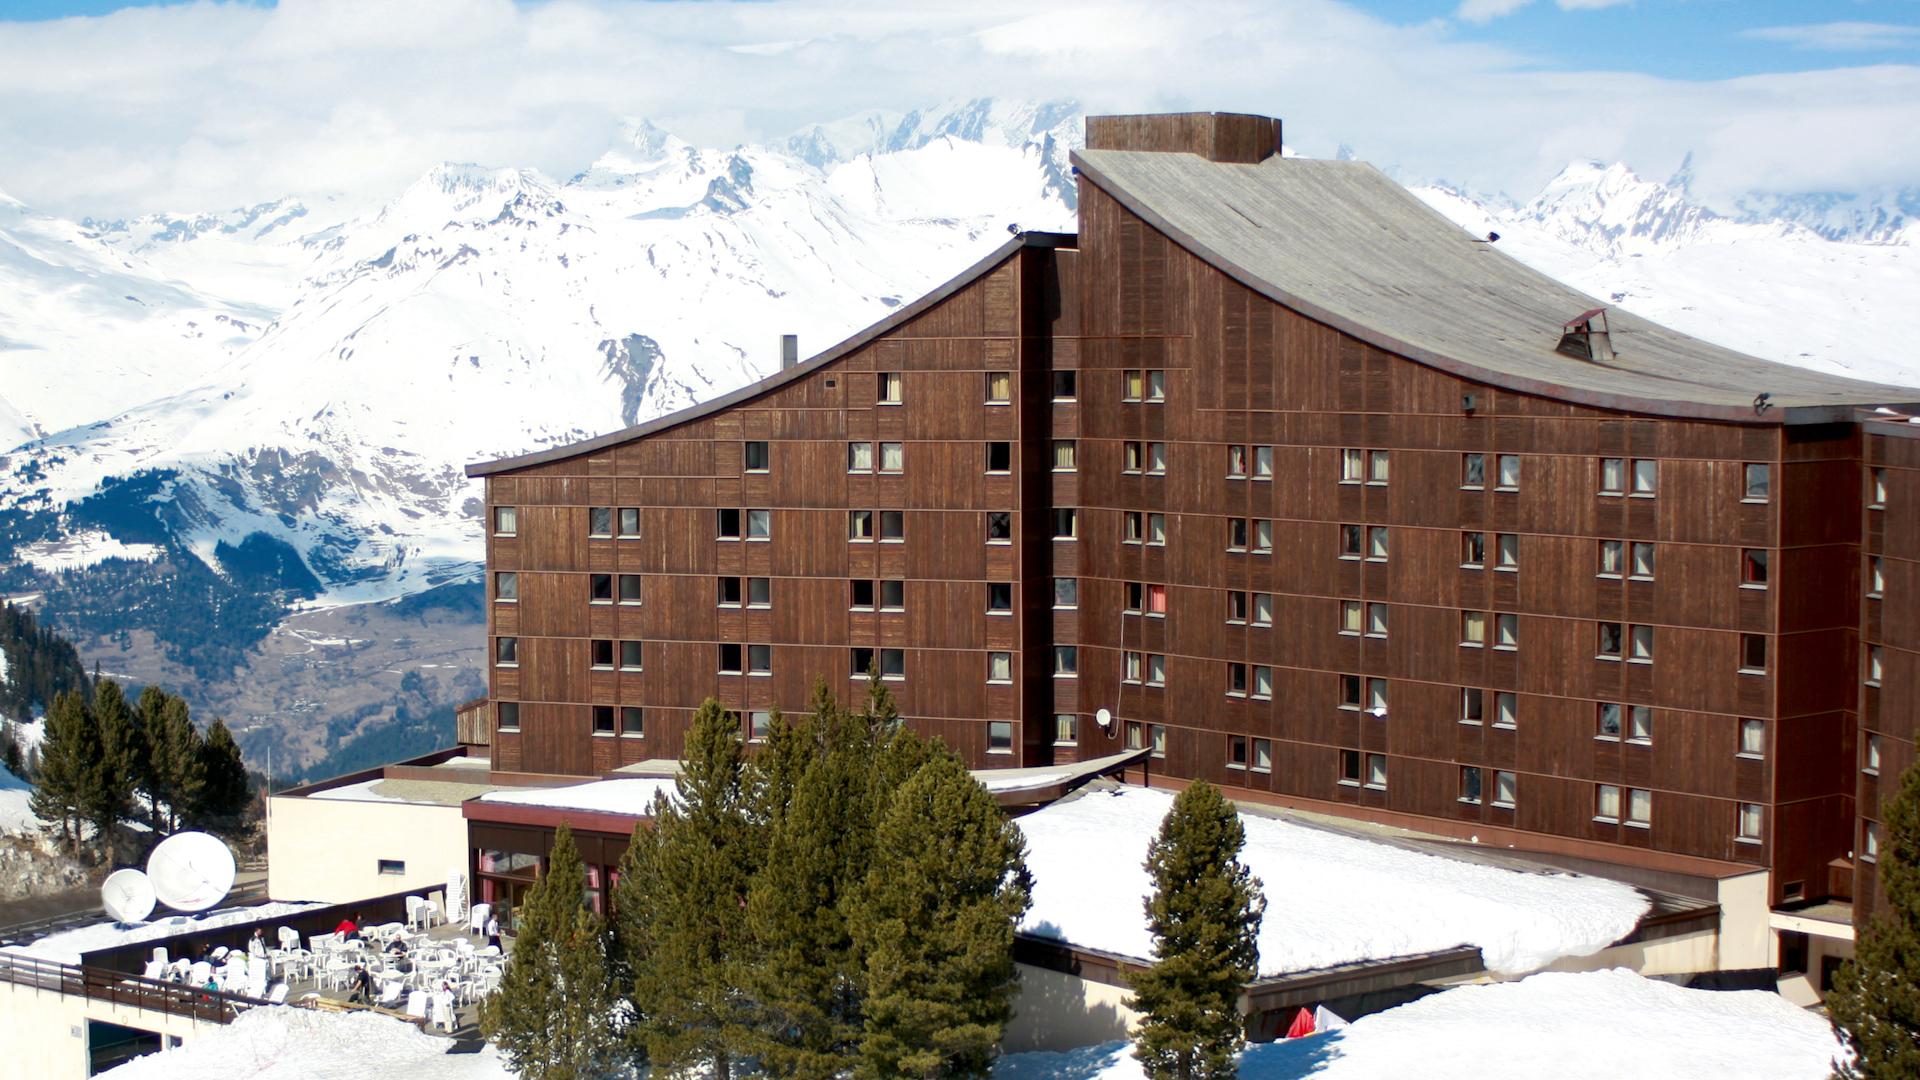 Club Marmara Les Arcs Altitude 2000 – France